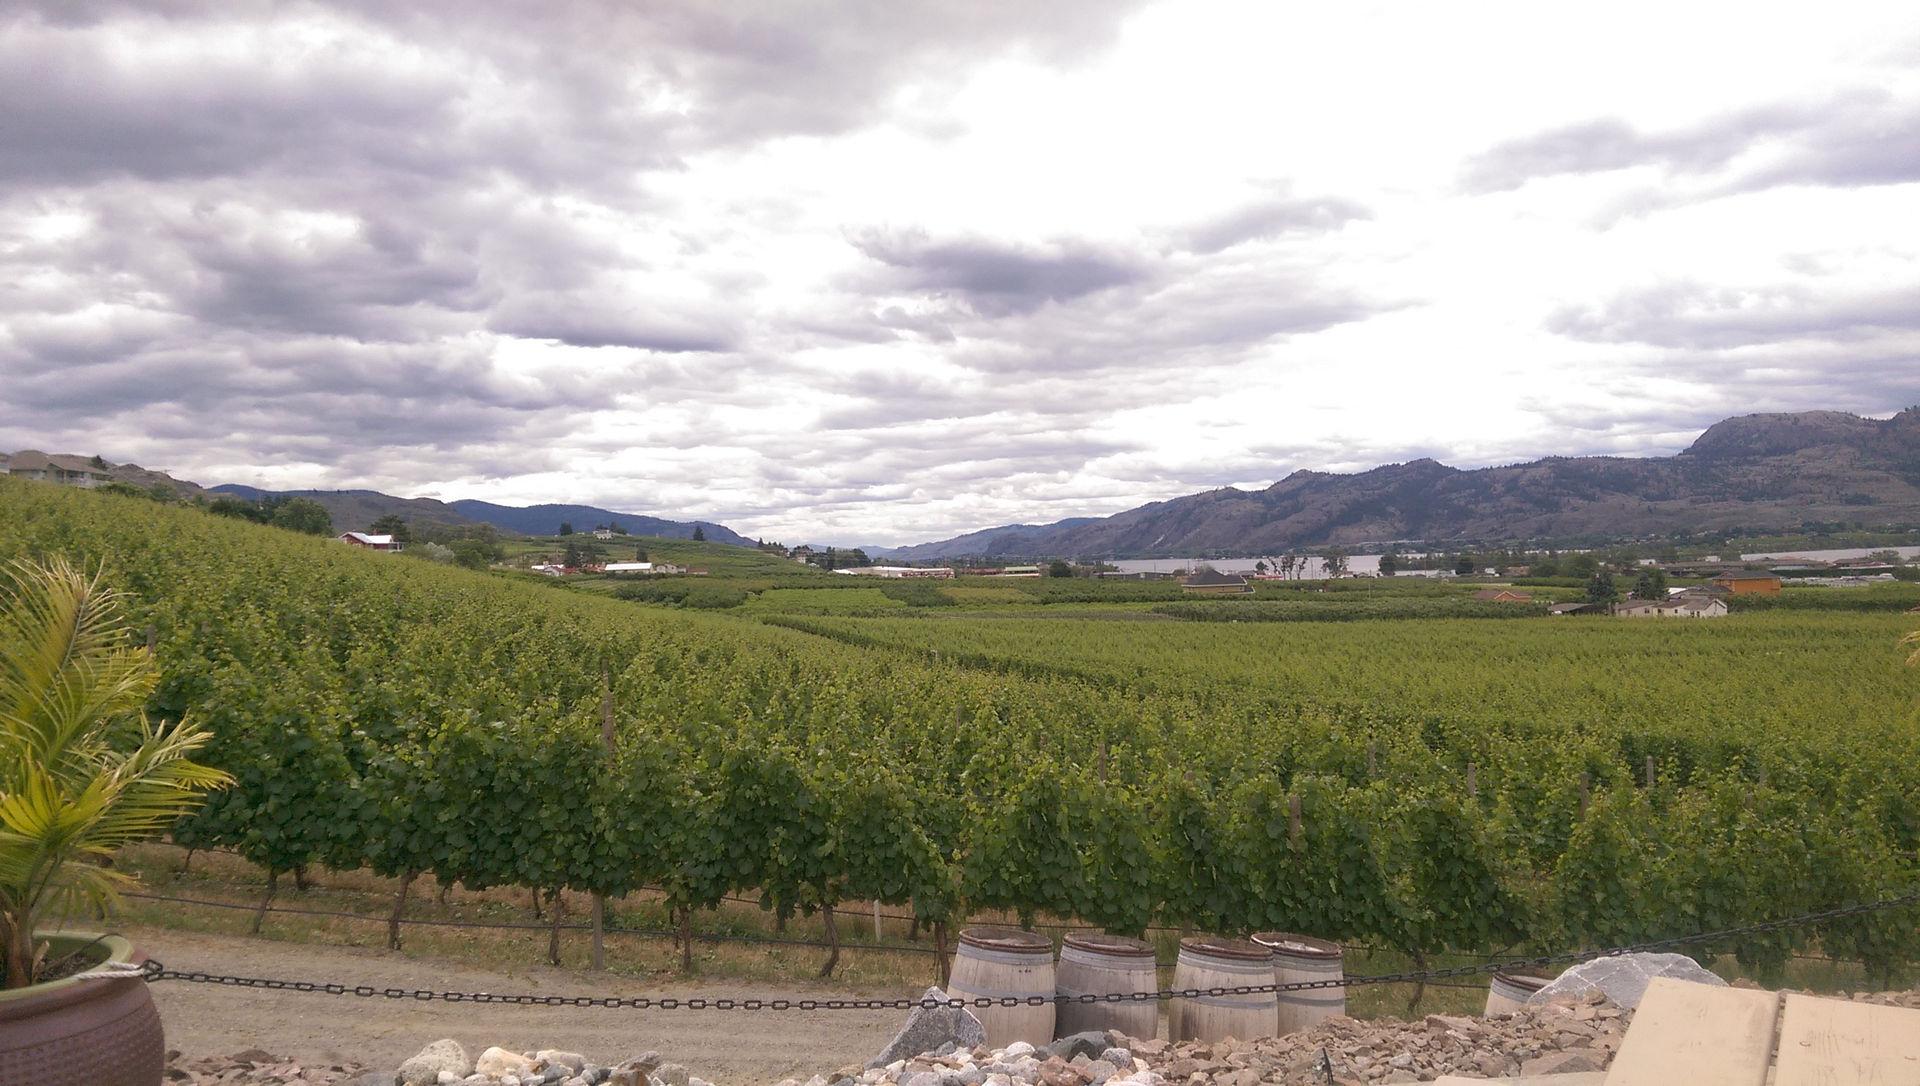 Vineyard at Adega Estate Winery